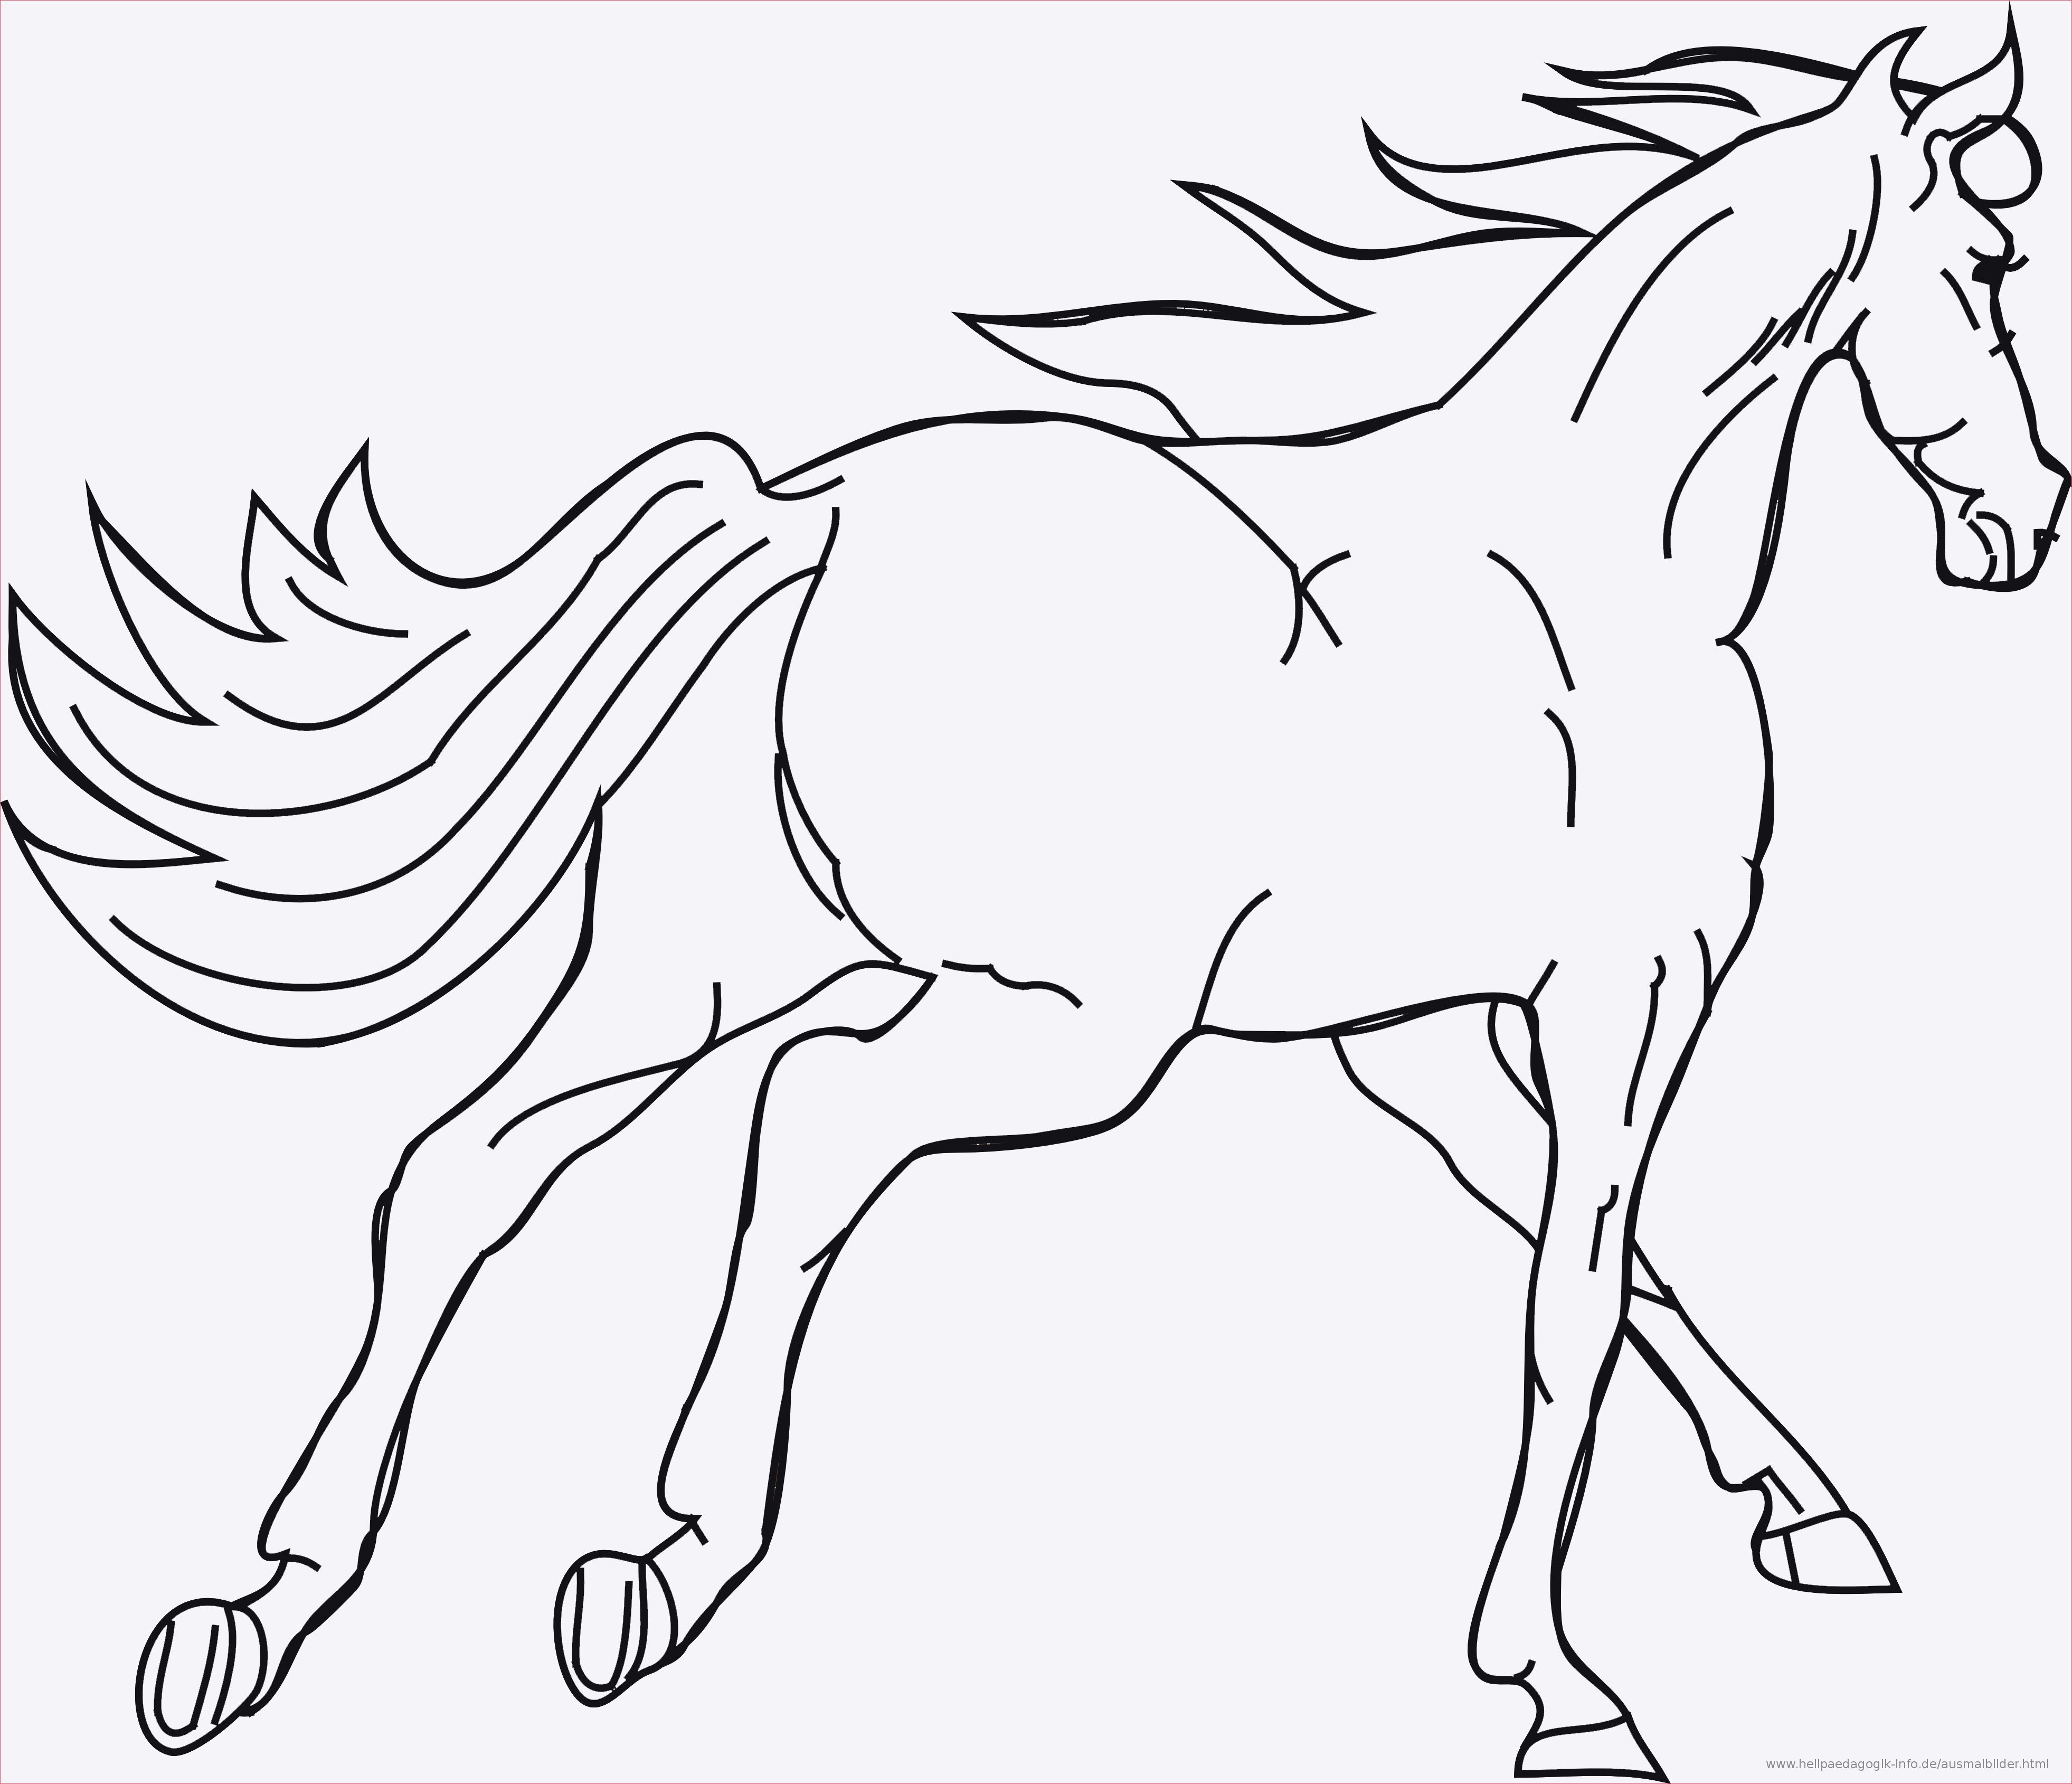 Ausmalbilder Pferde Mit Reiterin Inspirierend Malvorlagen Pferde A4 Fotos